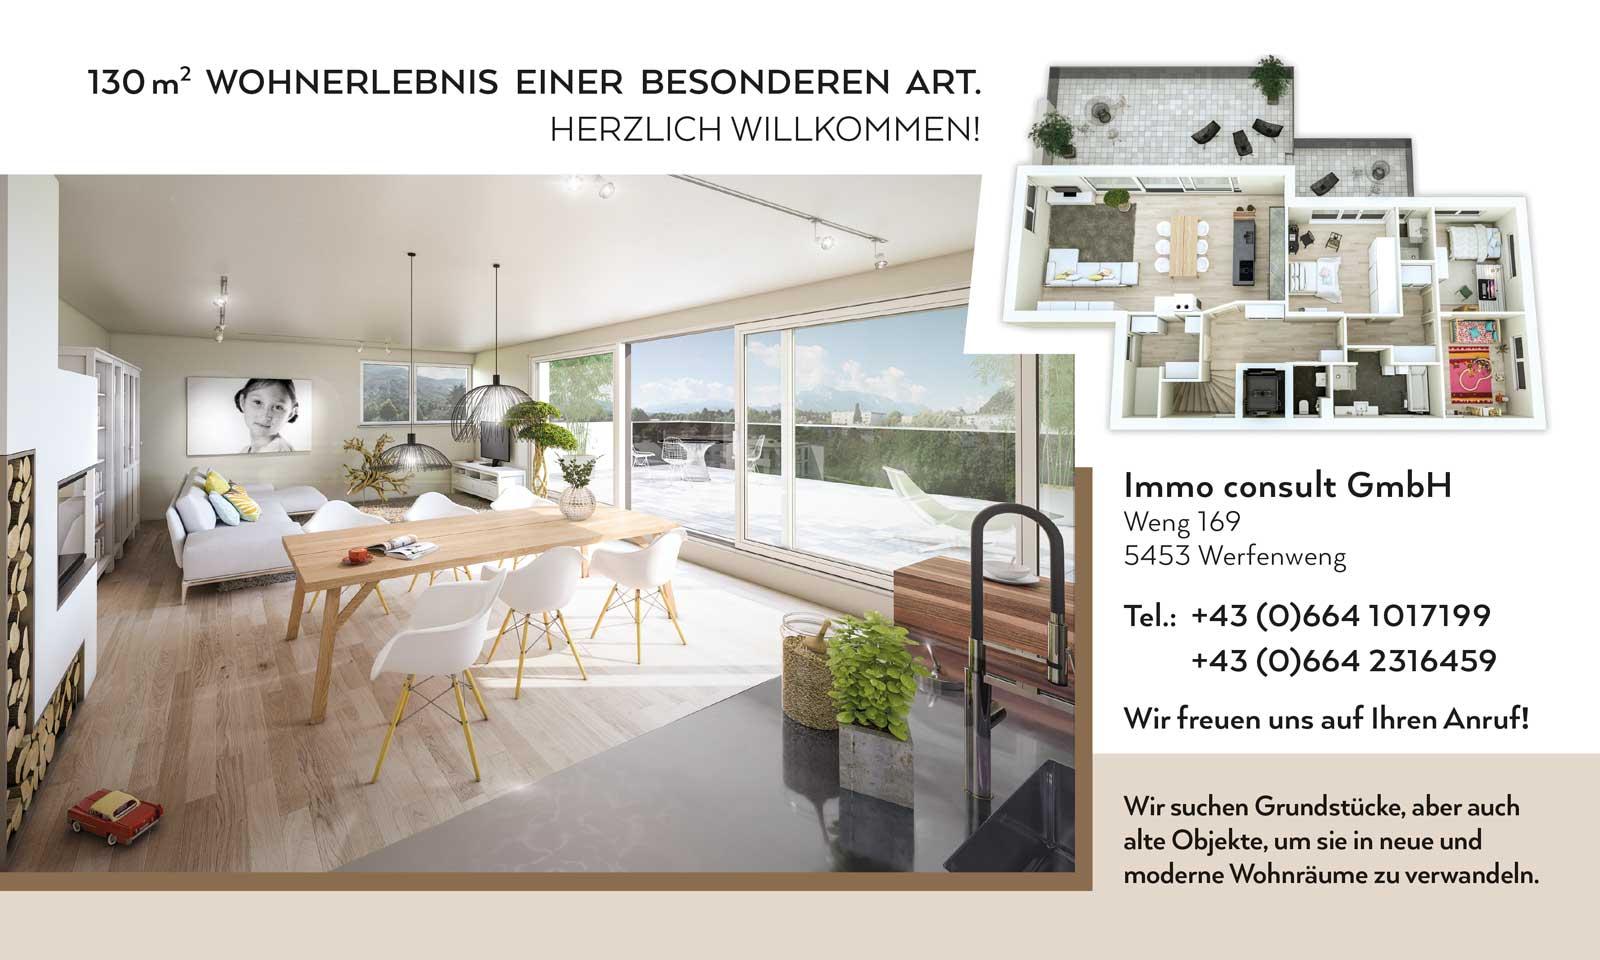 Bauzaunplakat für Immo consult GmbH